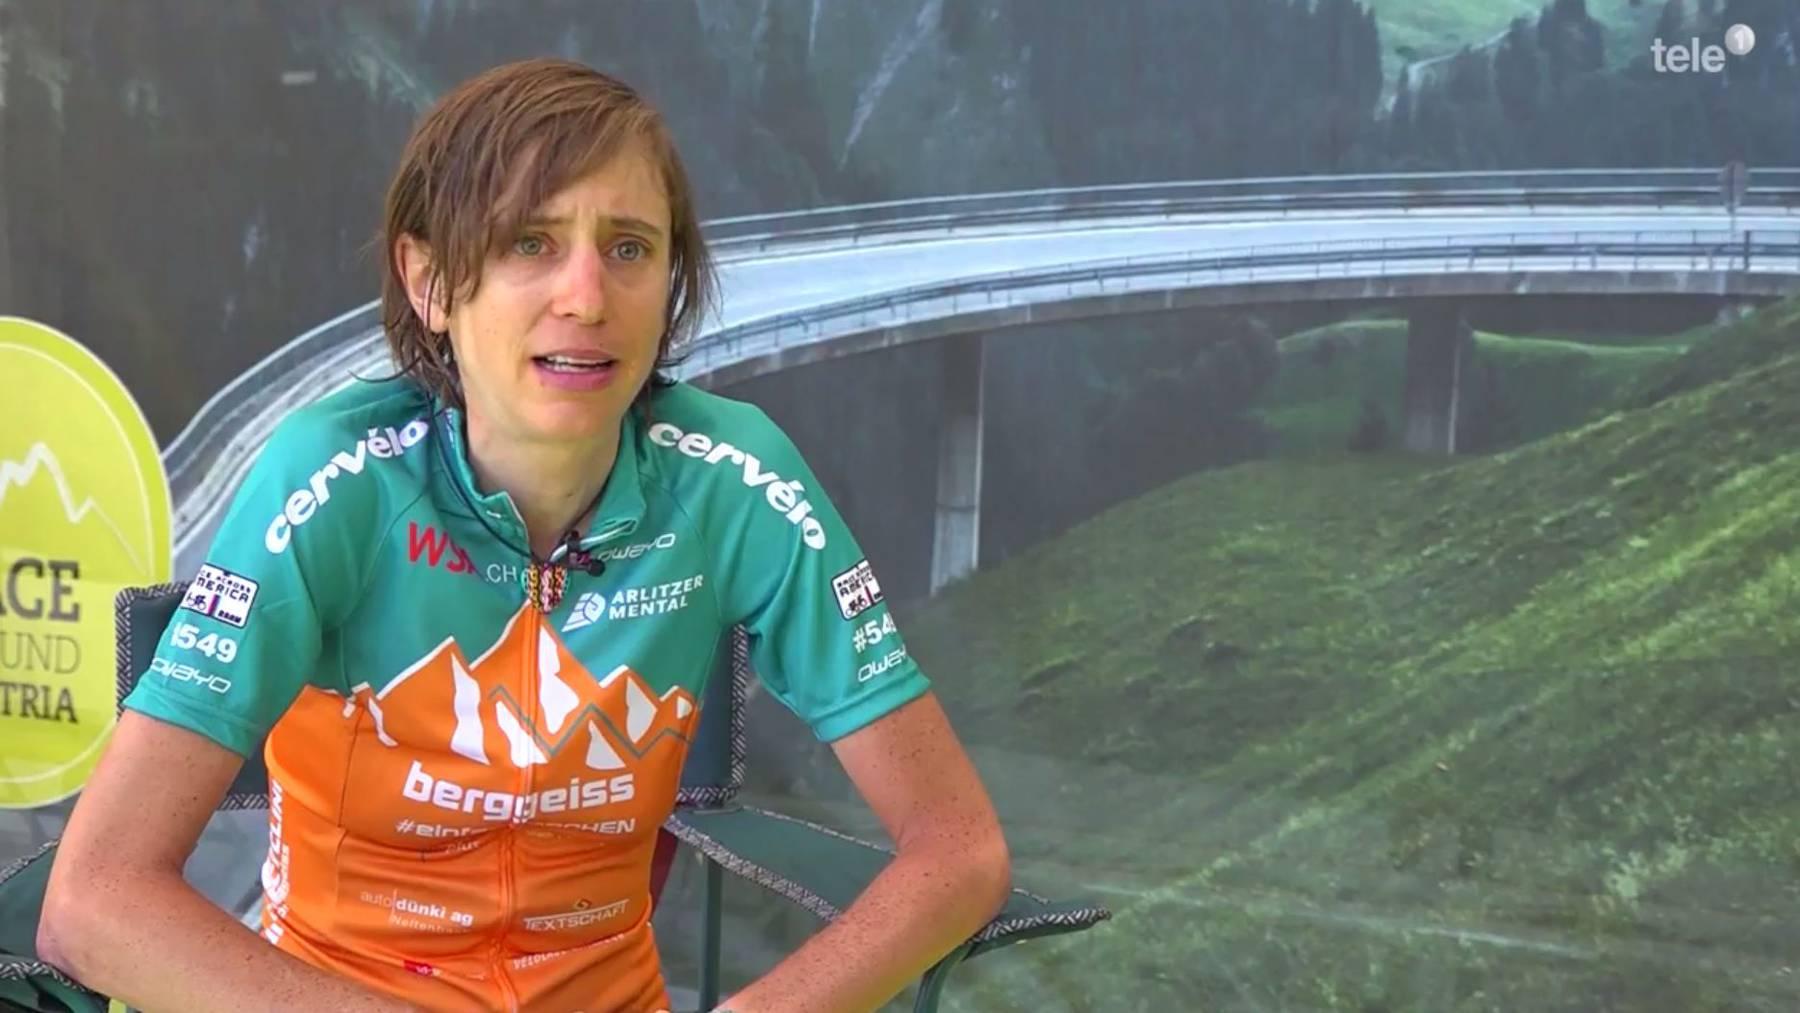 Ultracyclerin Nicole Reist erzählt, warum sie sogar mitten in der Nacht aufsteht, um zu trainieren.